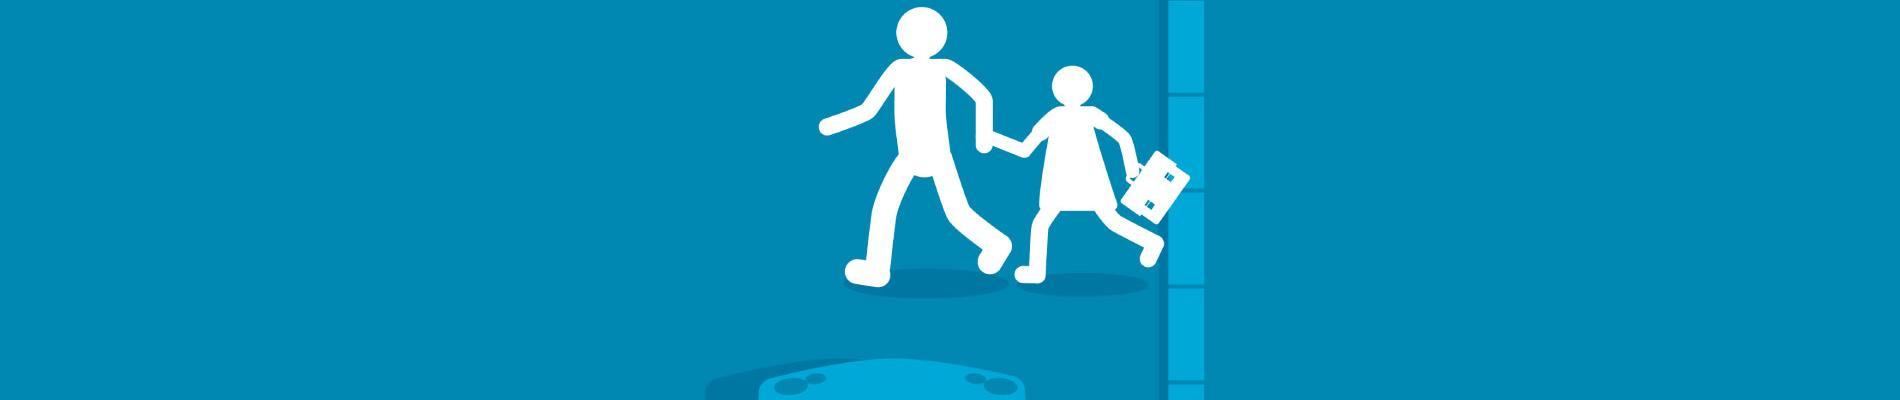 Le comportement des parents en tant que piéton lors des trajets scolaires et periscolaires